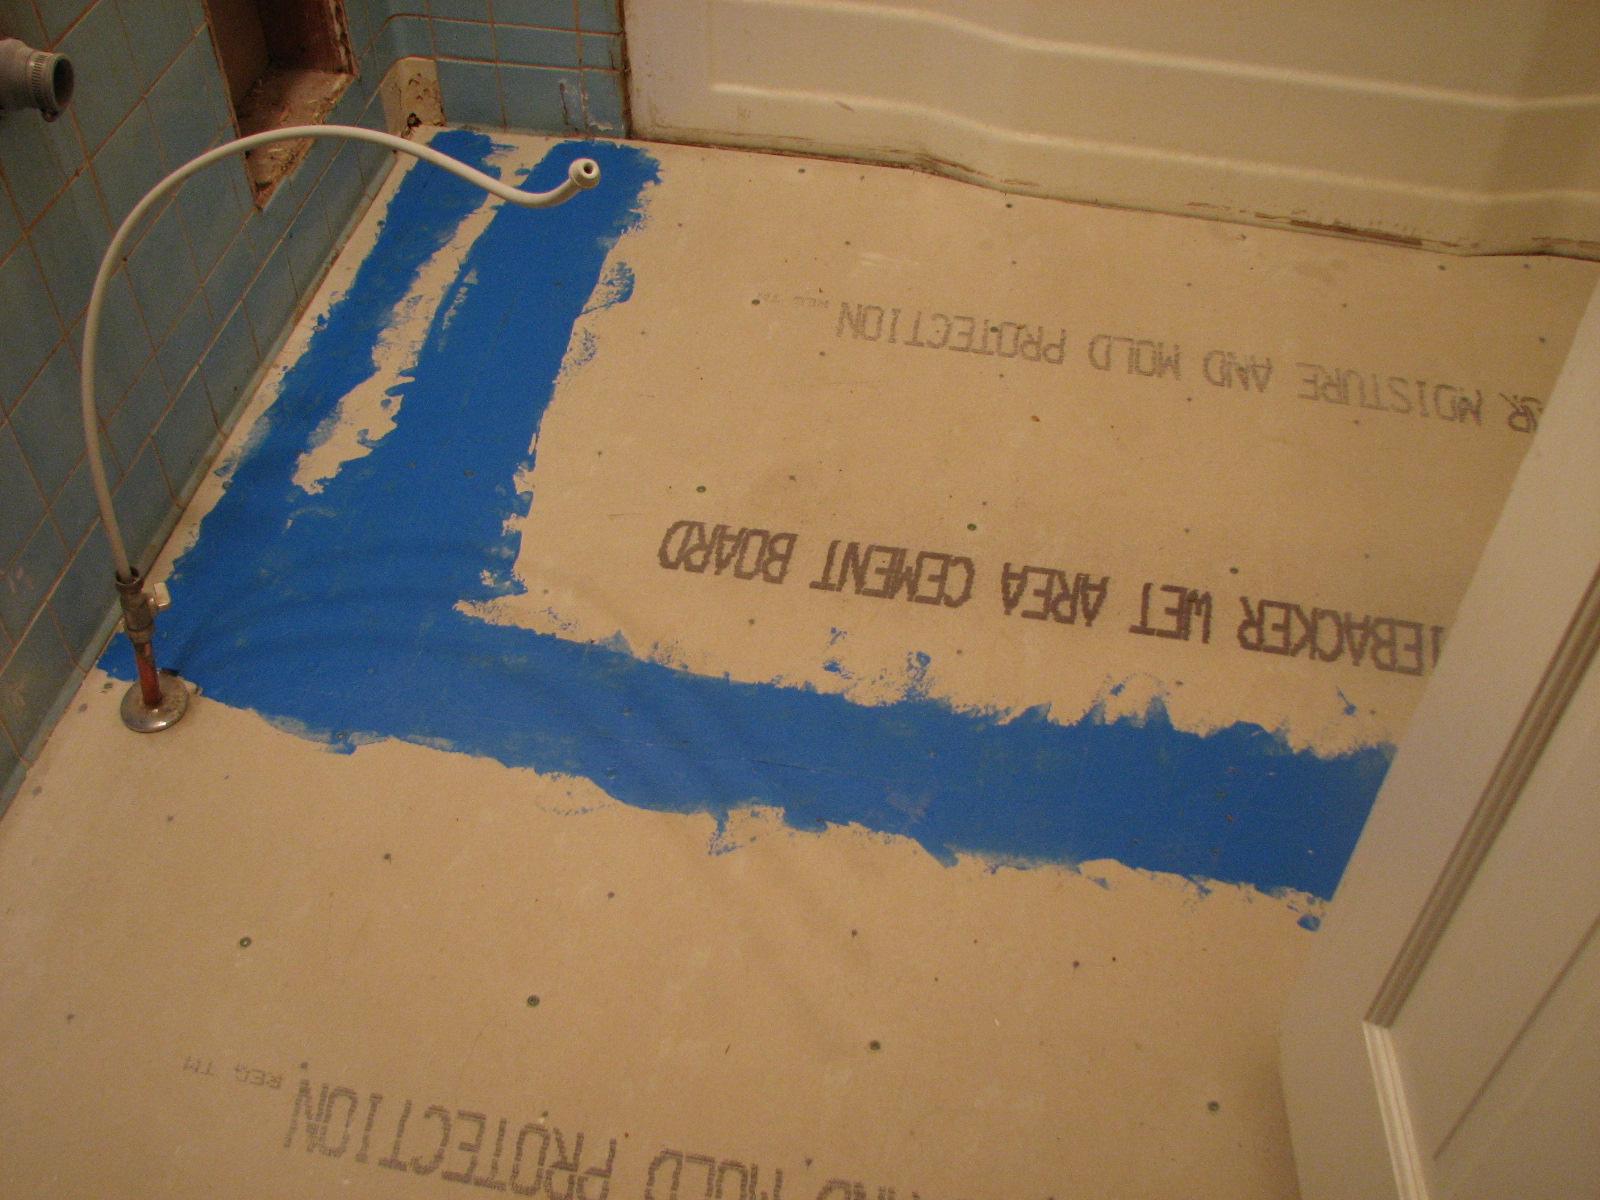 New backer board on floor